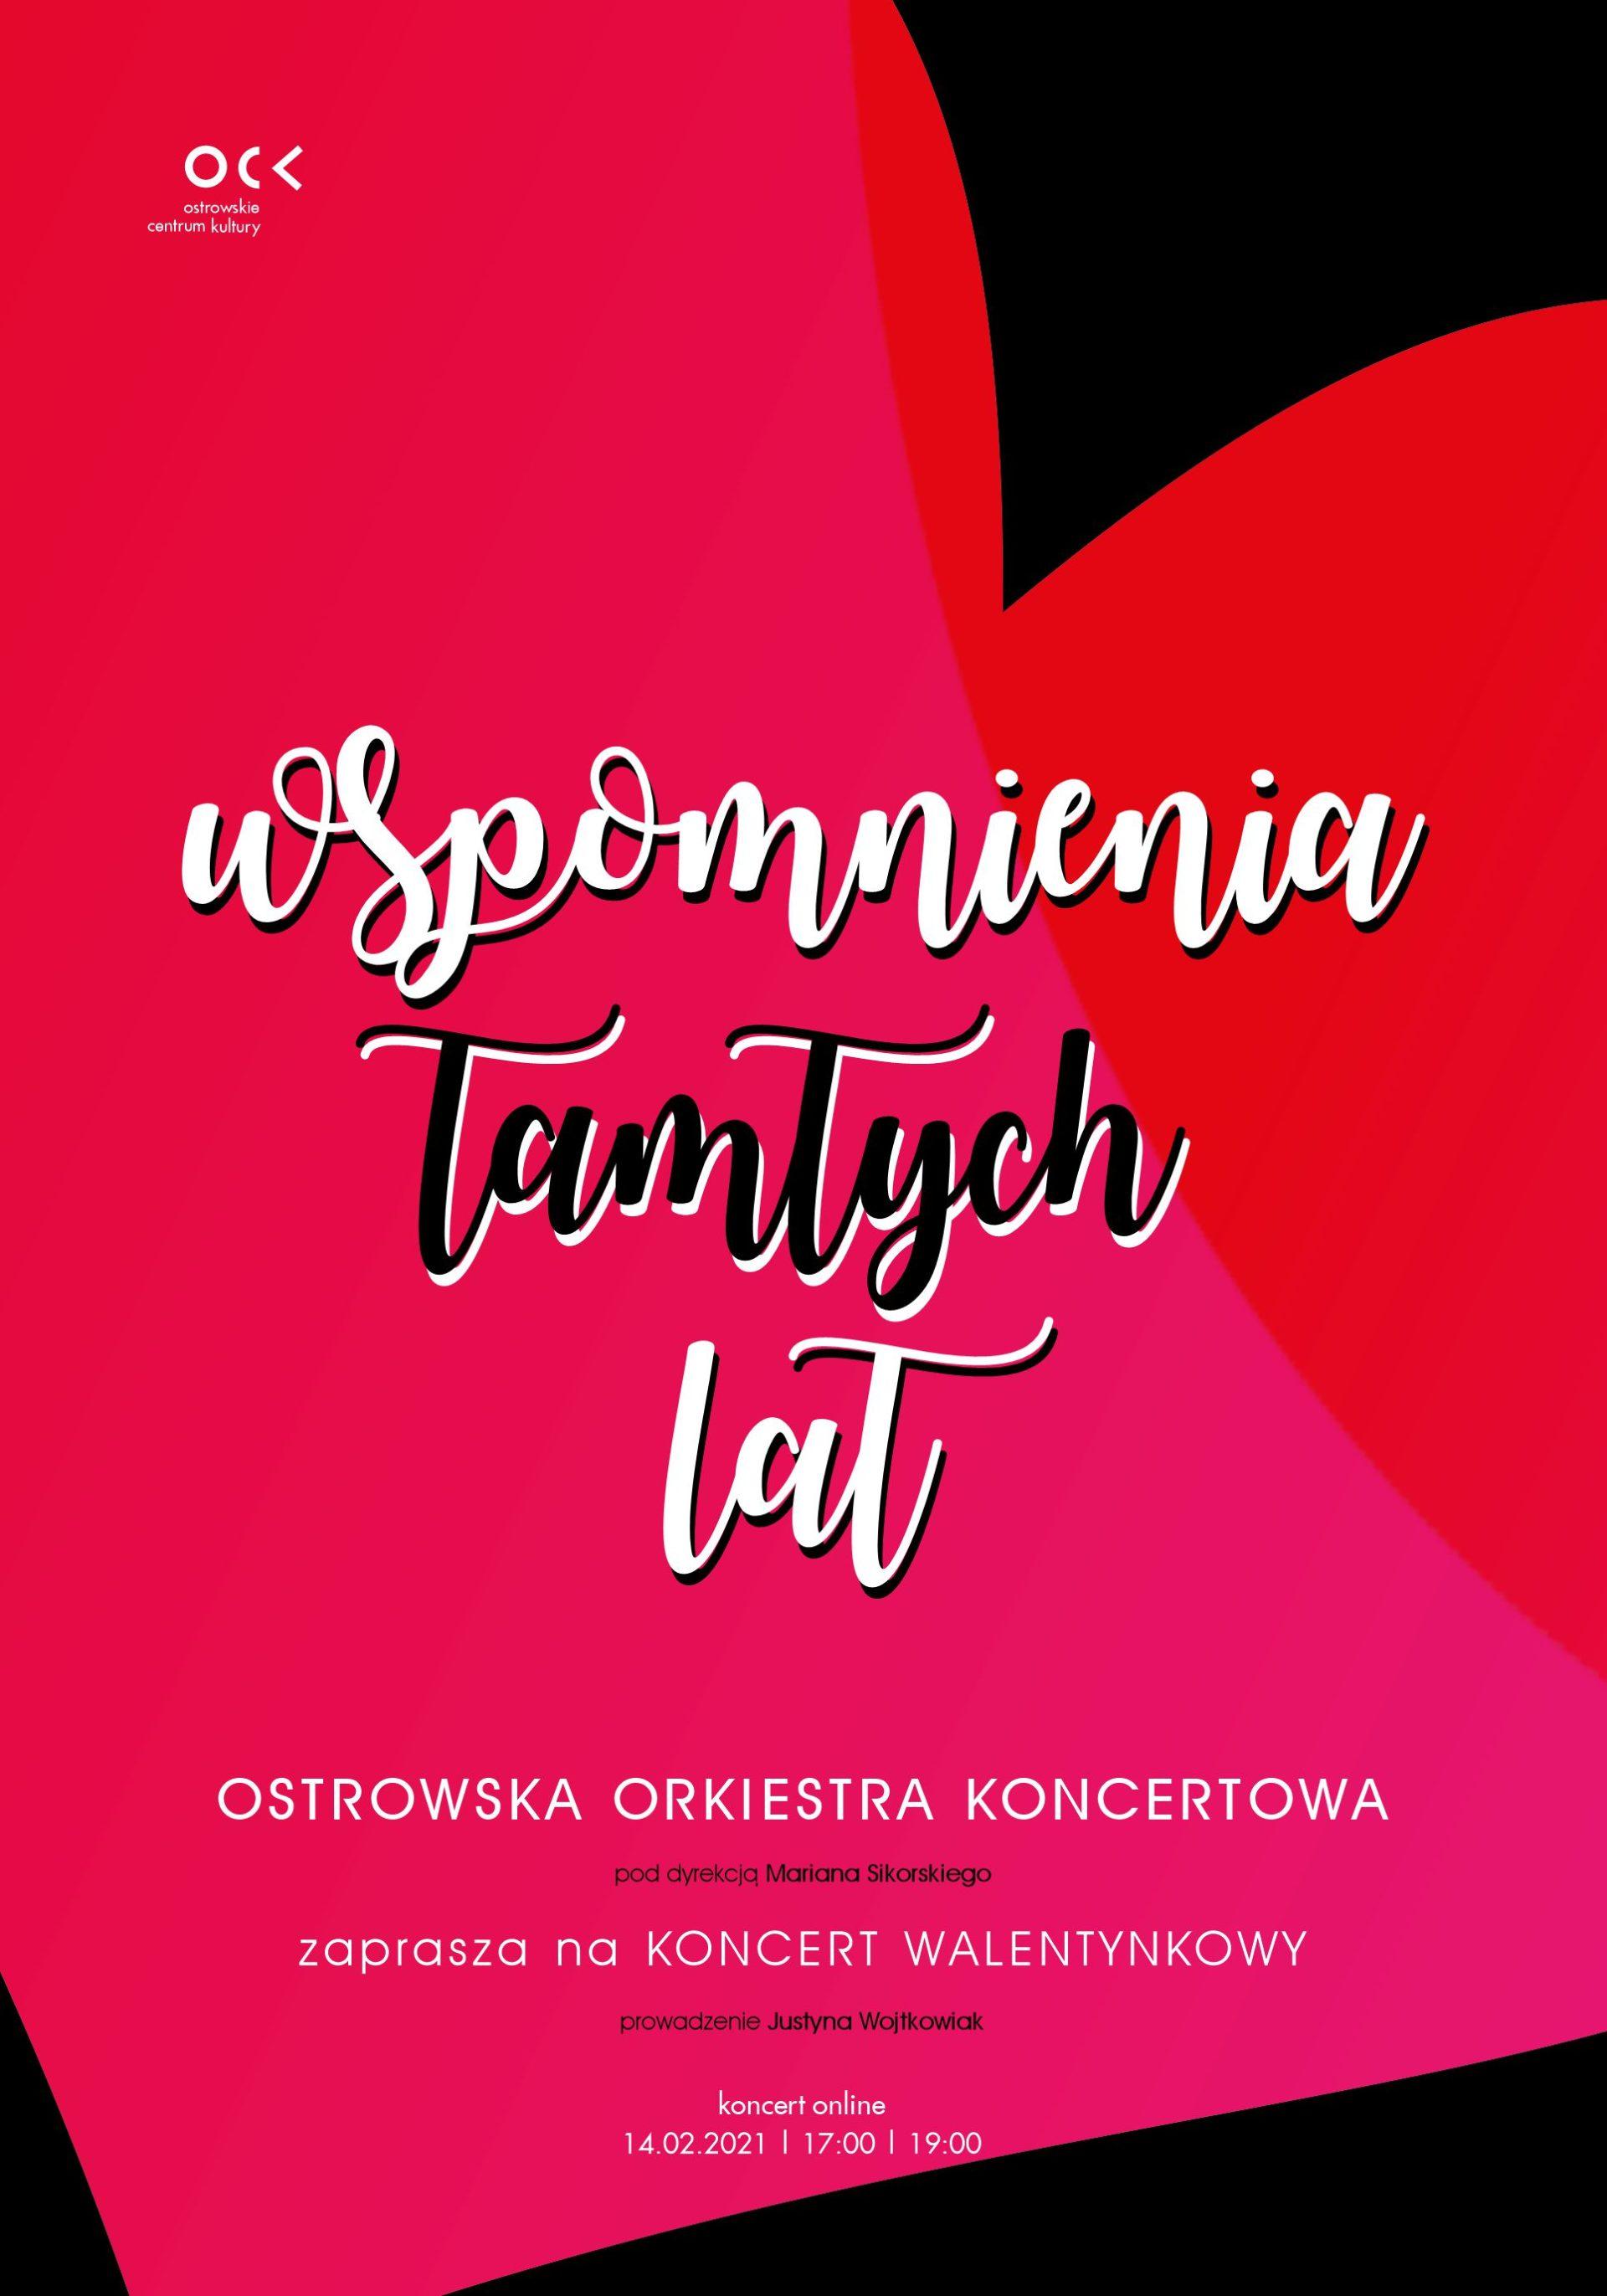 Koncert Walentynkowy | Wspomnienia tamtych lat | Ostrowska Orkiestra Koncertowa | online